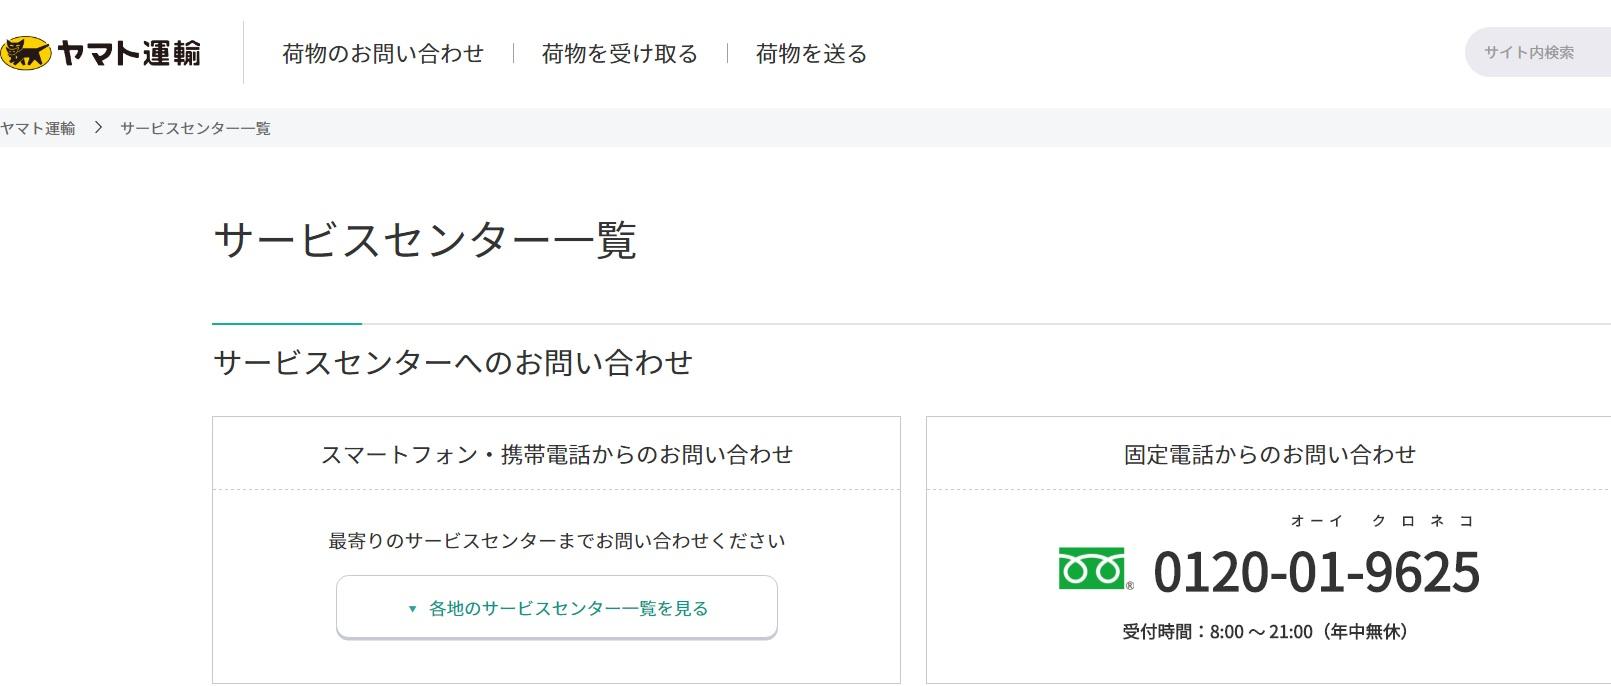 クロネコ ヤマト 追跡 電話